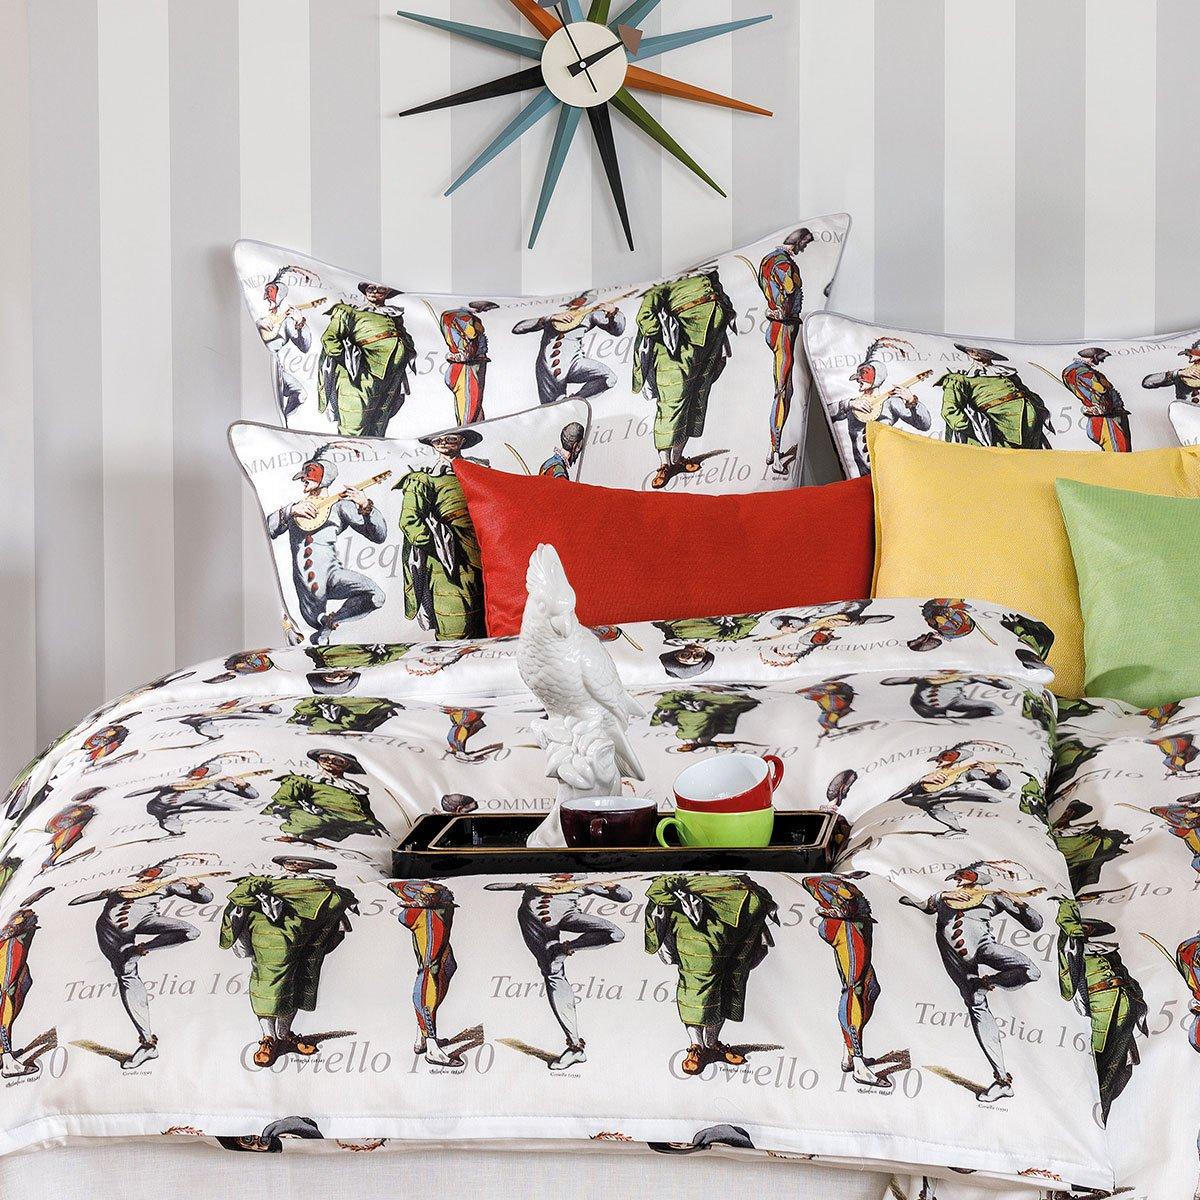 Full Size of Lustige Bettwäsche 155x220 Apelt Mako Satin Bettwsche Felignstig Online Kaufen Bei T Shirt Sprüche T Shirt Wohnzimmer Lustige Bettwäsche 155x220